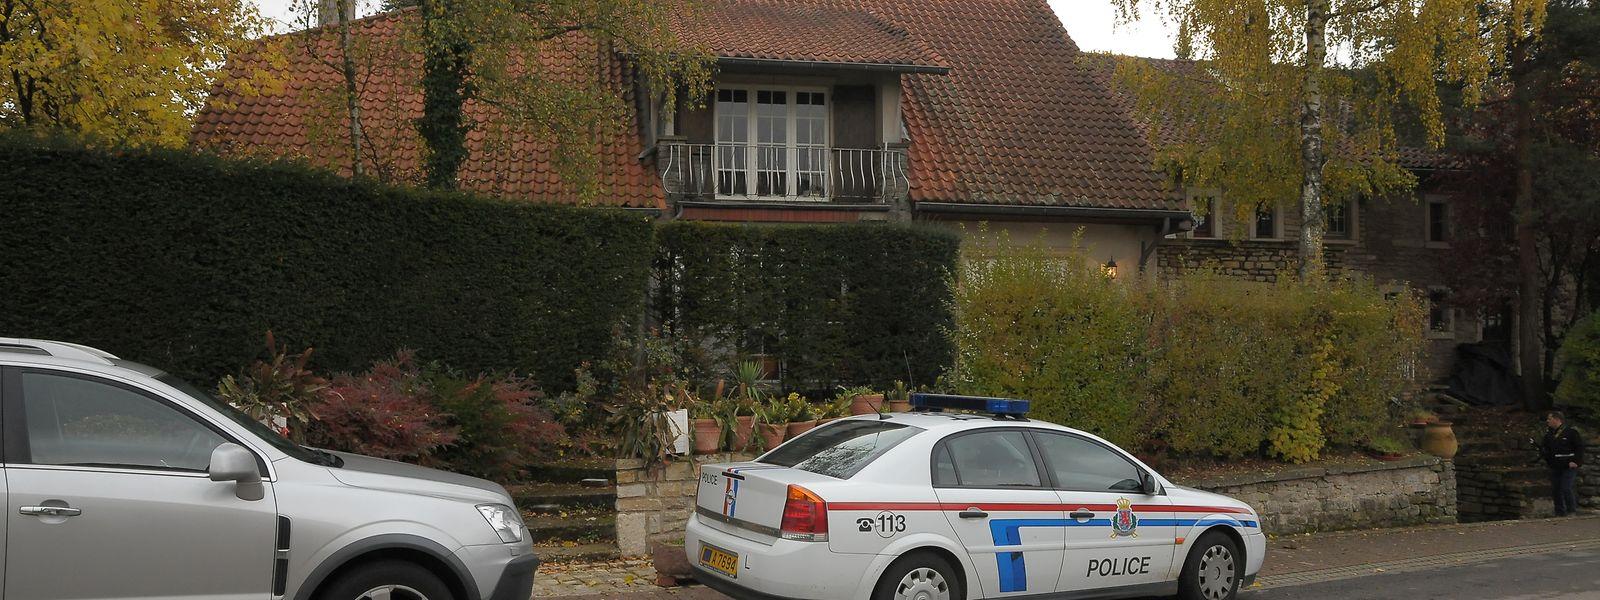 An Allerheiligen wird im Jahr 2010 in der Rue Killebierg in Hassel die Leiche eines 69-jährigen Mannes gefunden. Drei Beschuldigte werden im März 2015 freigesprochen.